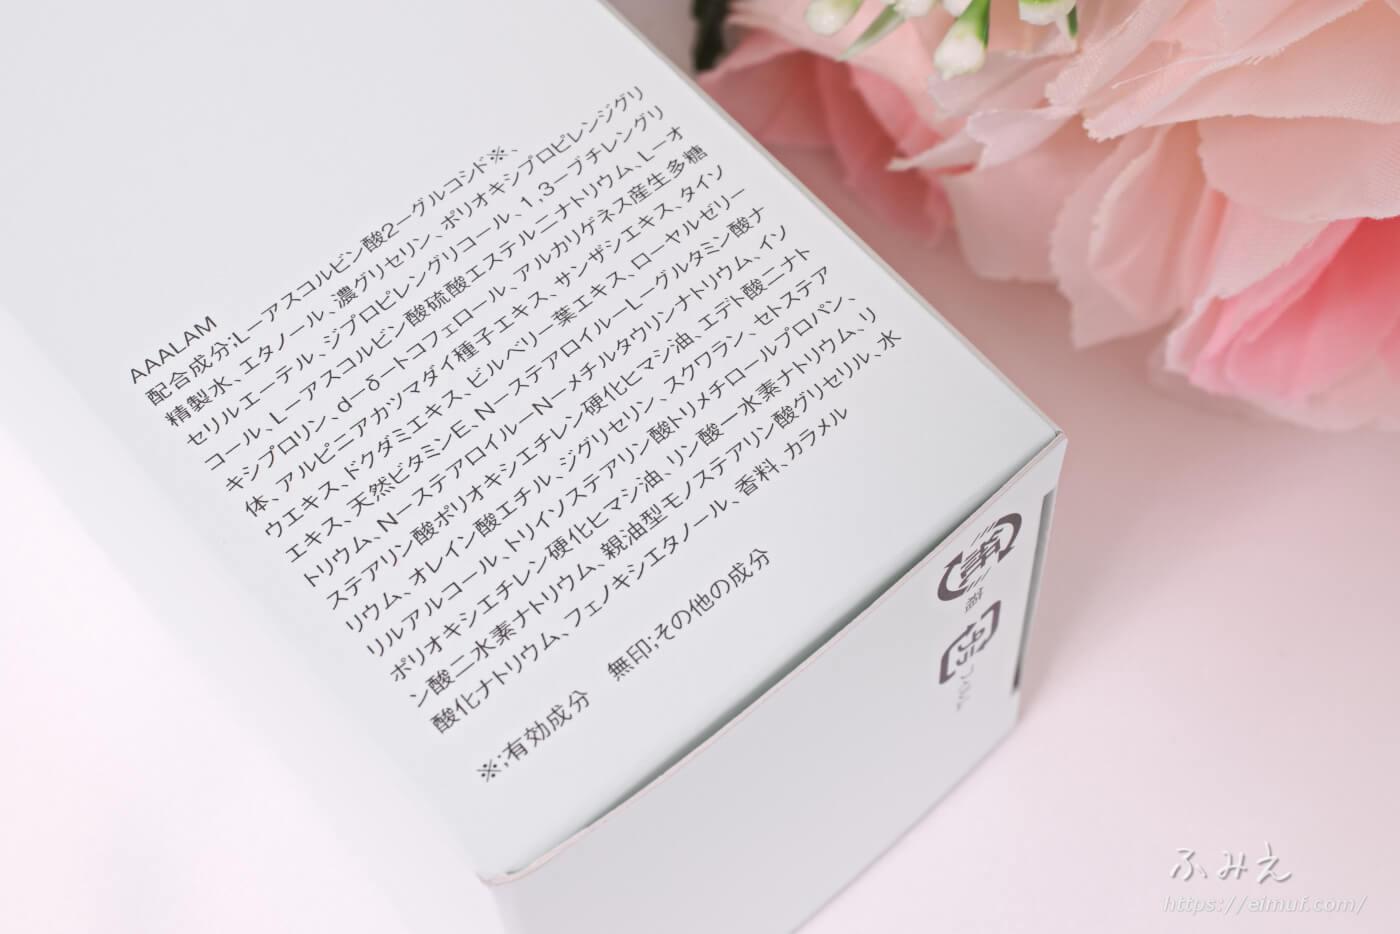 アルビオン アンフィネスホワイト ホワイトニング パンプ ローション(化粧水) パッケージ側面